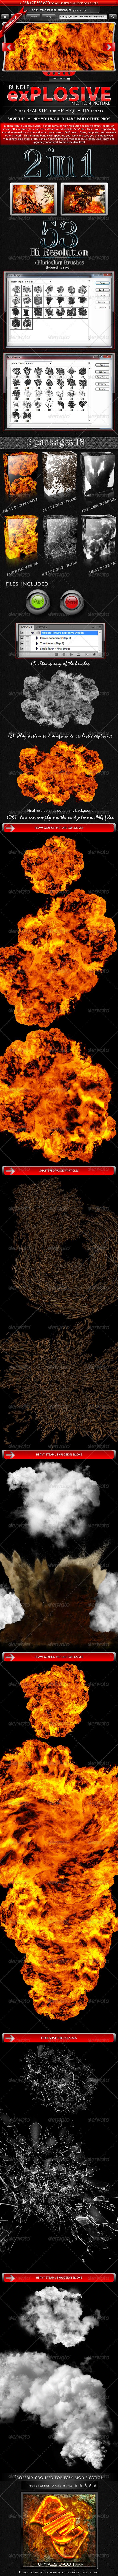 GraphicRiver Motion Picture Explosive Bundle 2589885